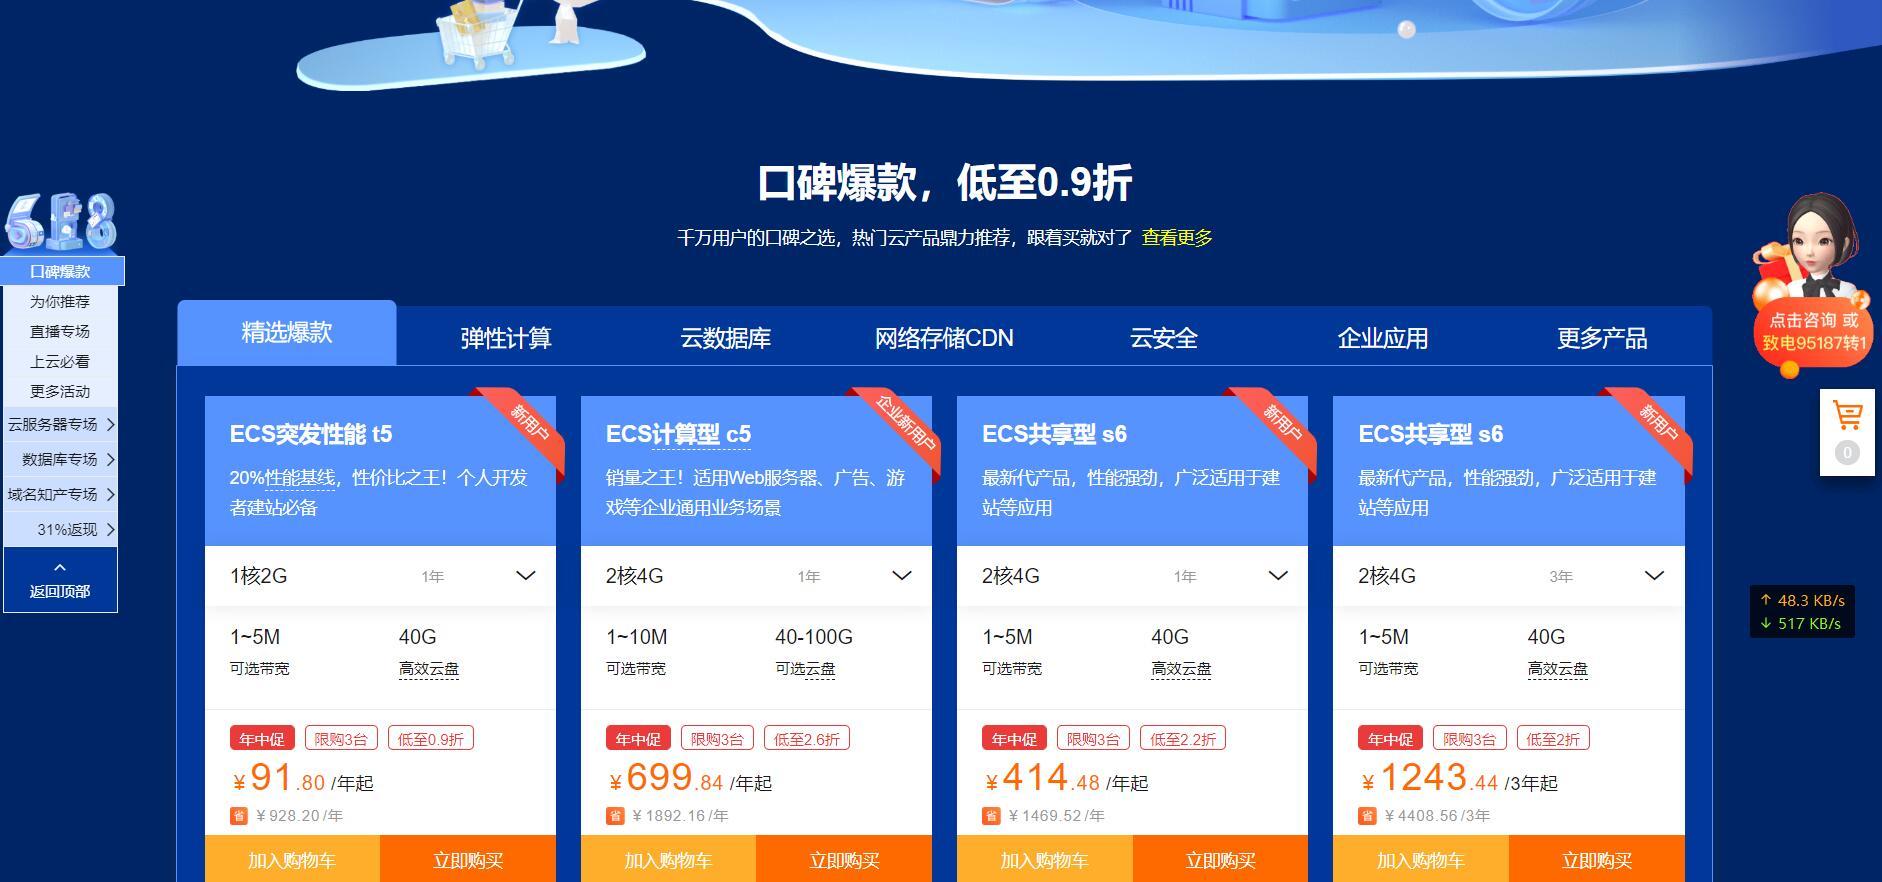 阿里云618年中促亿元补贴,91.8元购买1核2G云服务器 阿里云服务器 优惠卡券 优惠福利  第3张